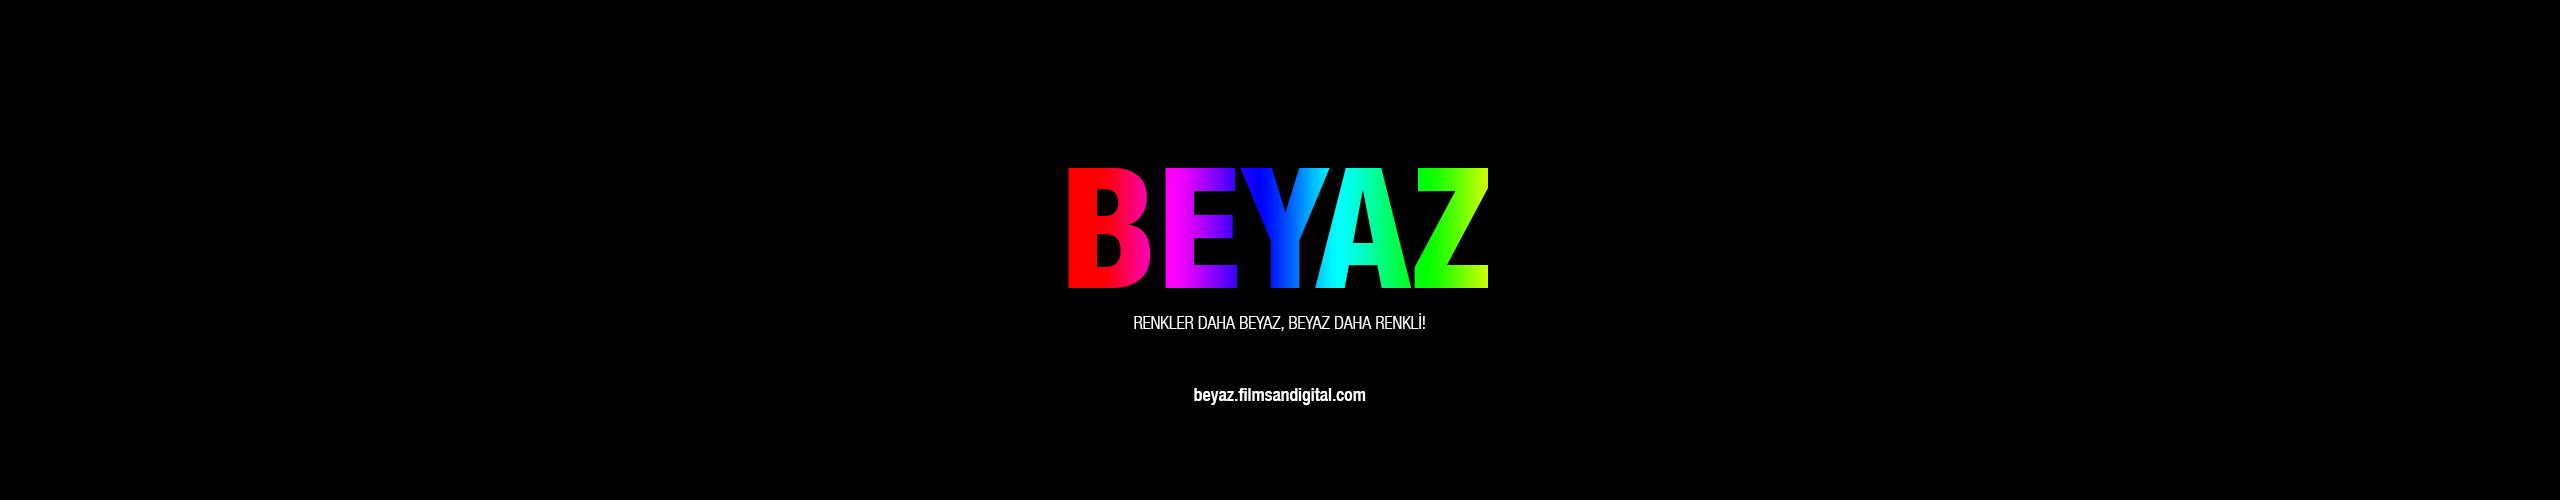 anasayfa_filmsan_beyaz